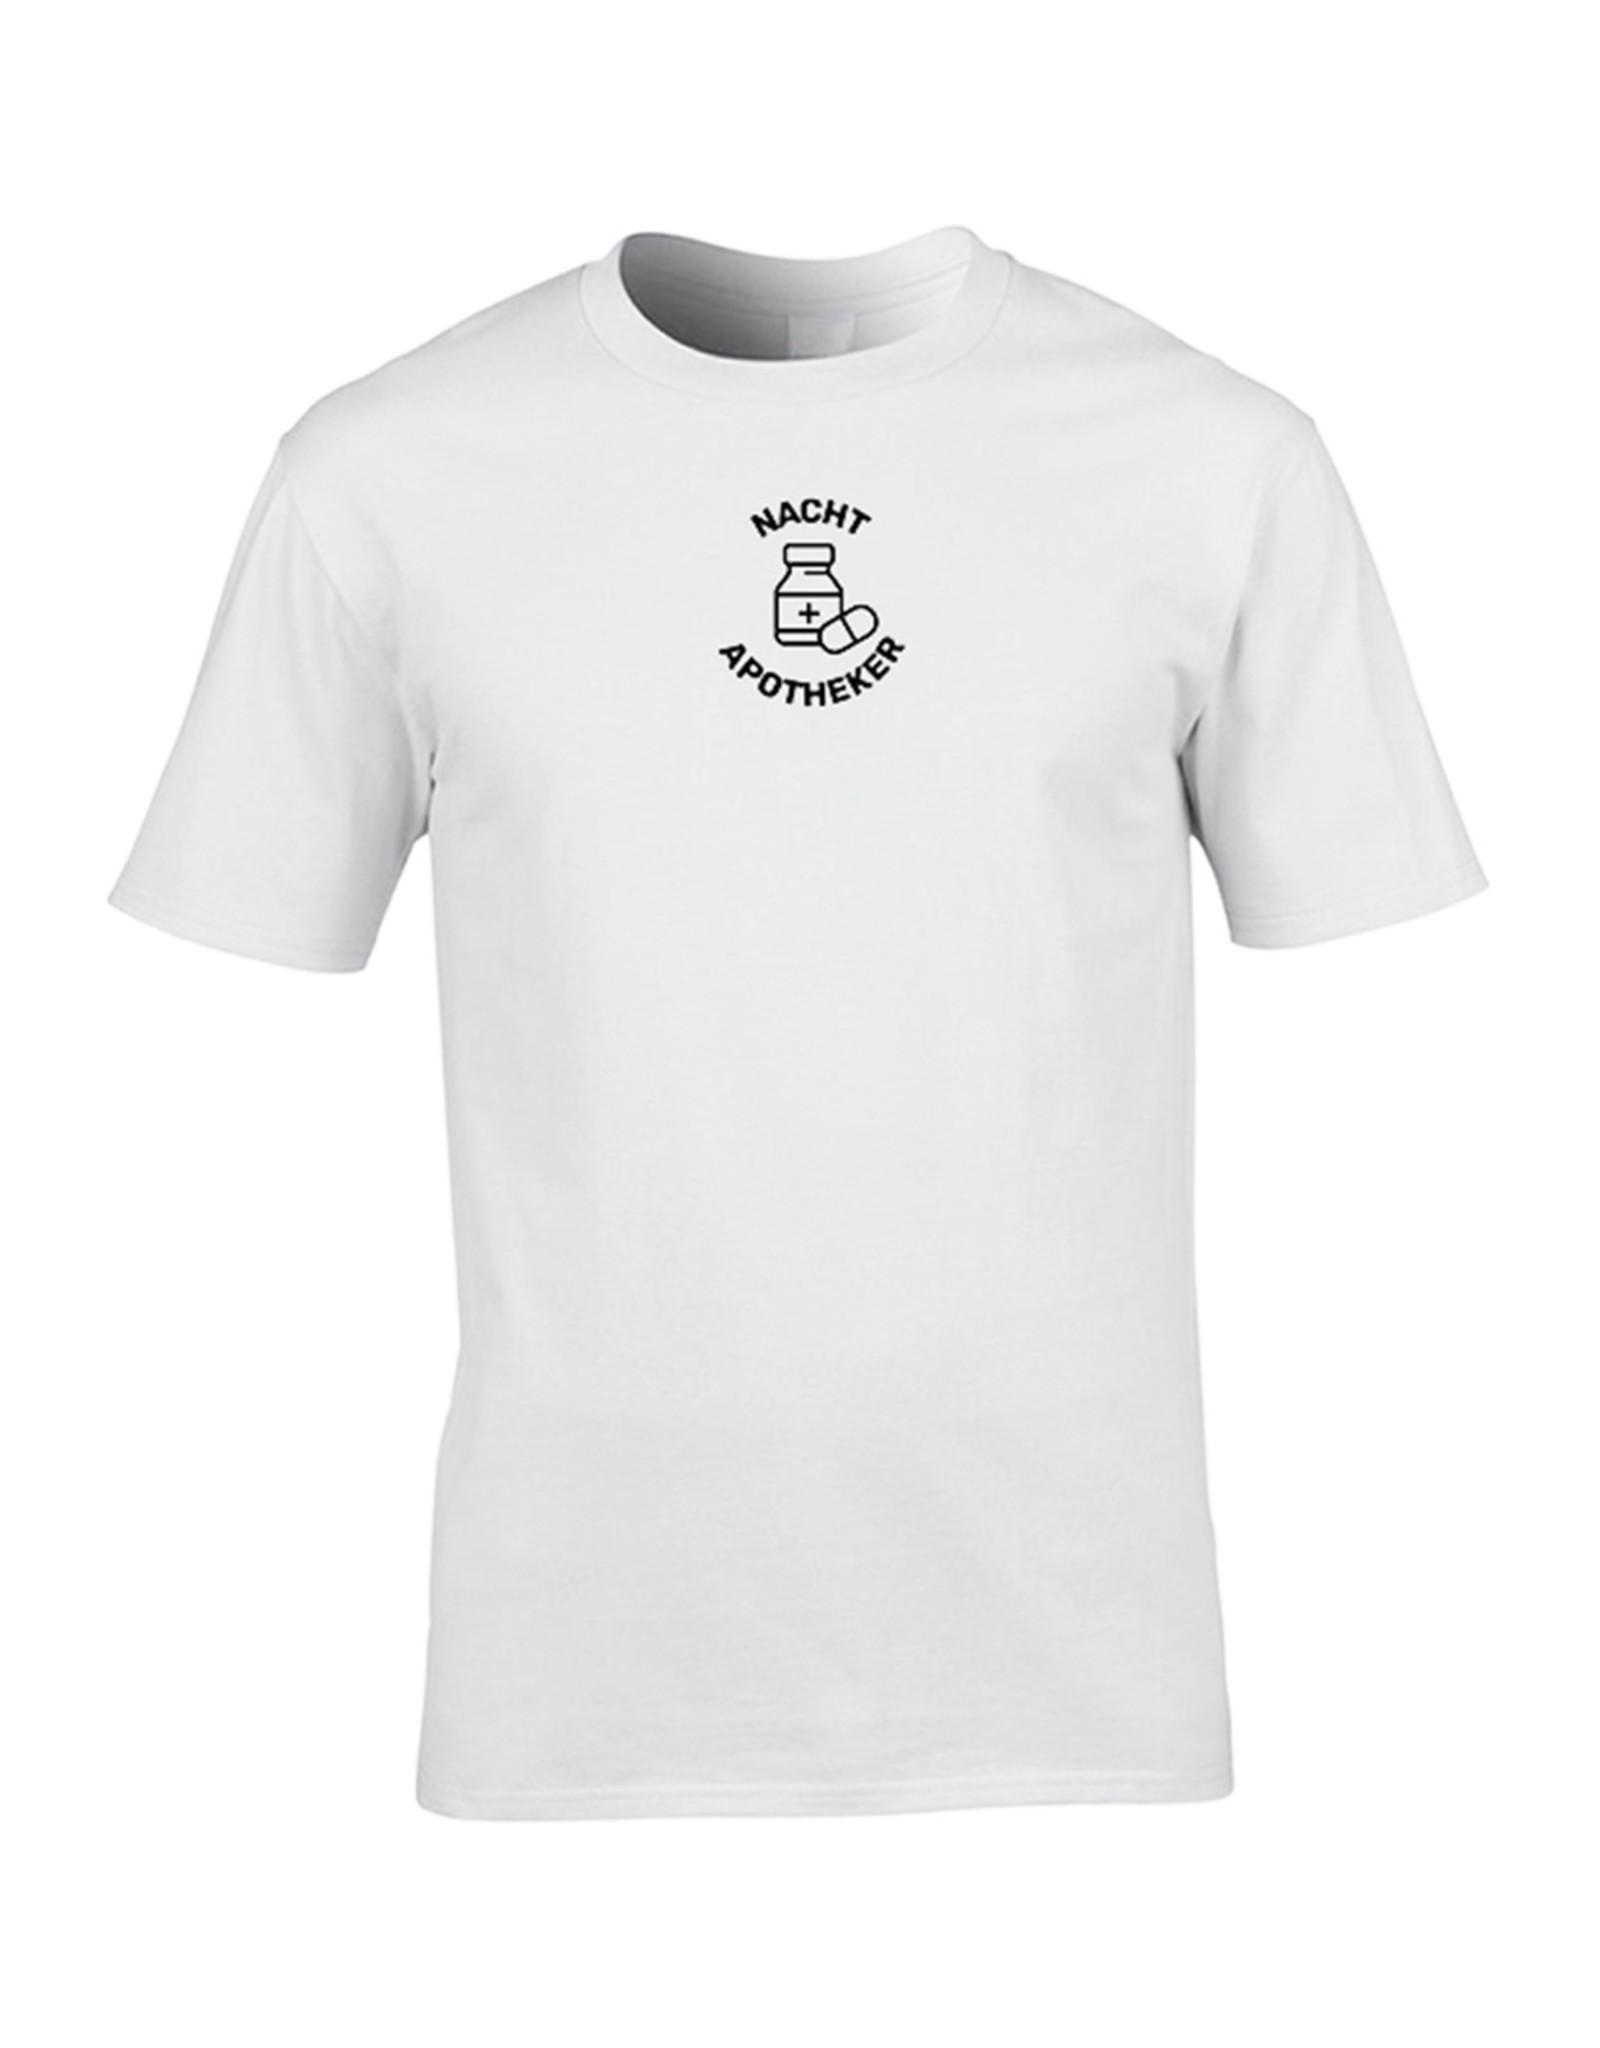 Festicap T-Shirt Nacht Apotheker | Zacht katoen | Hand gemaakt